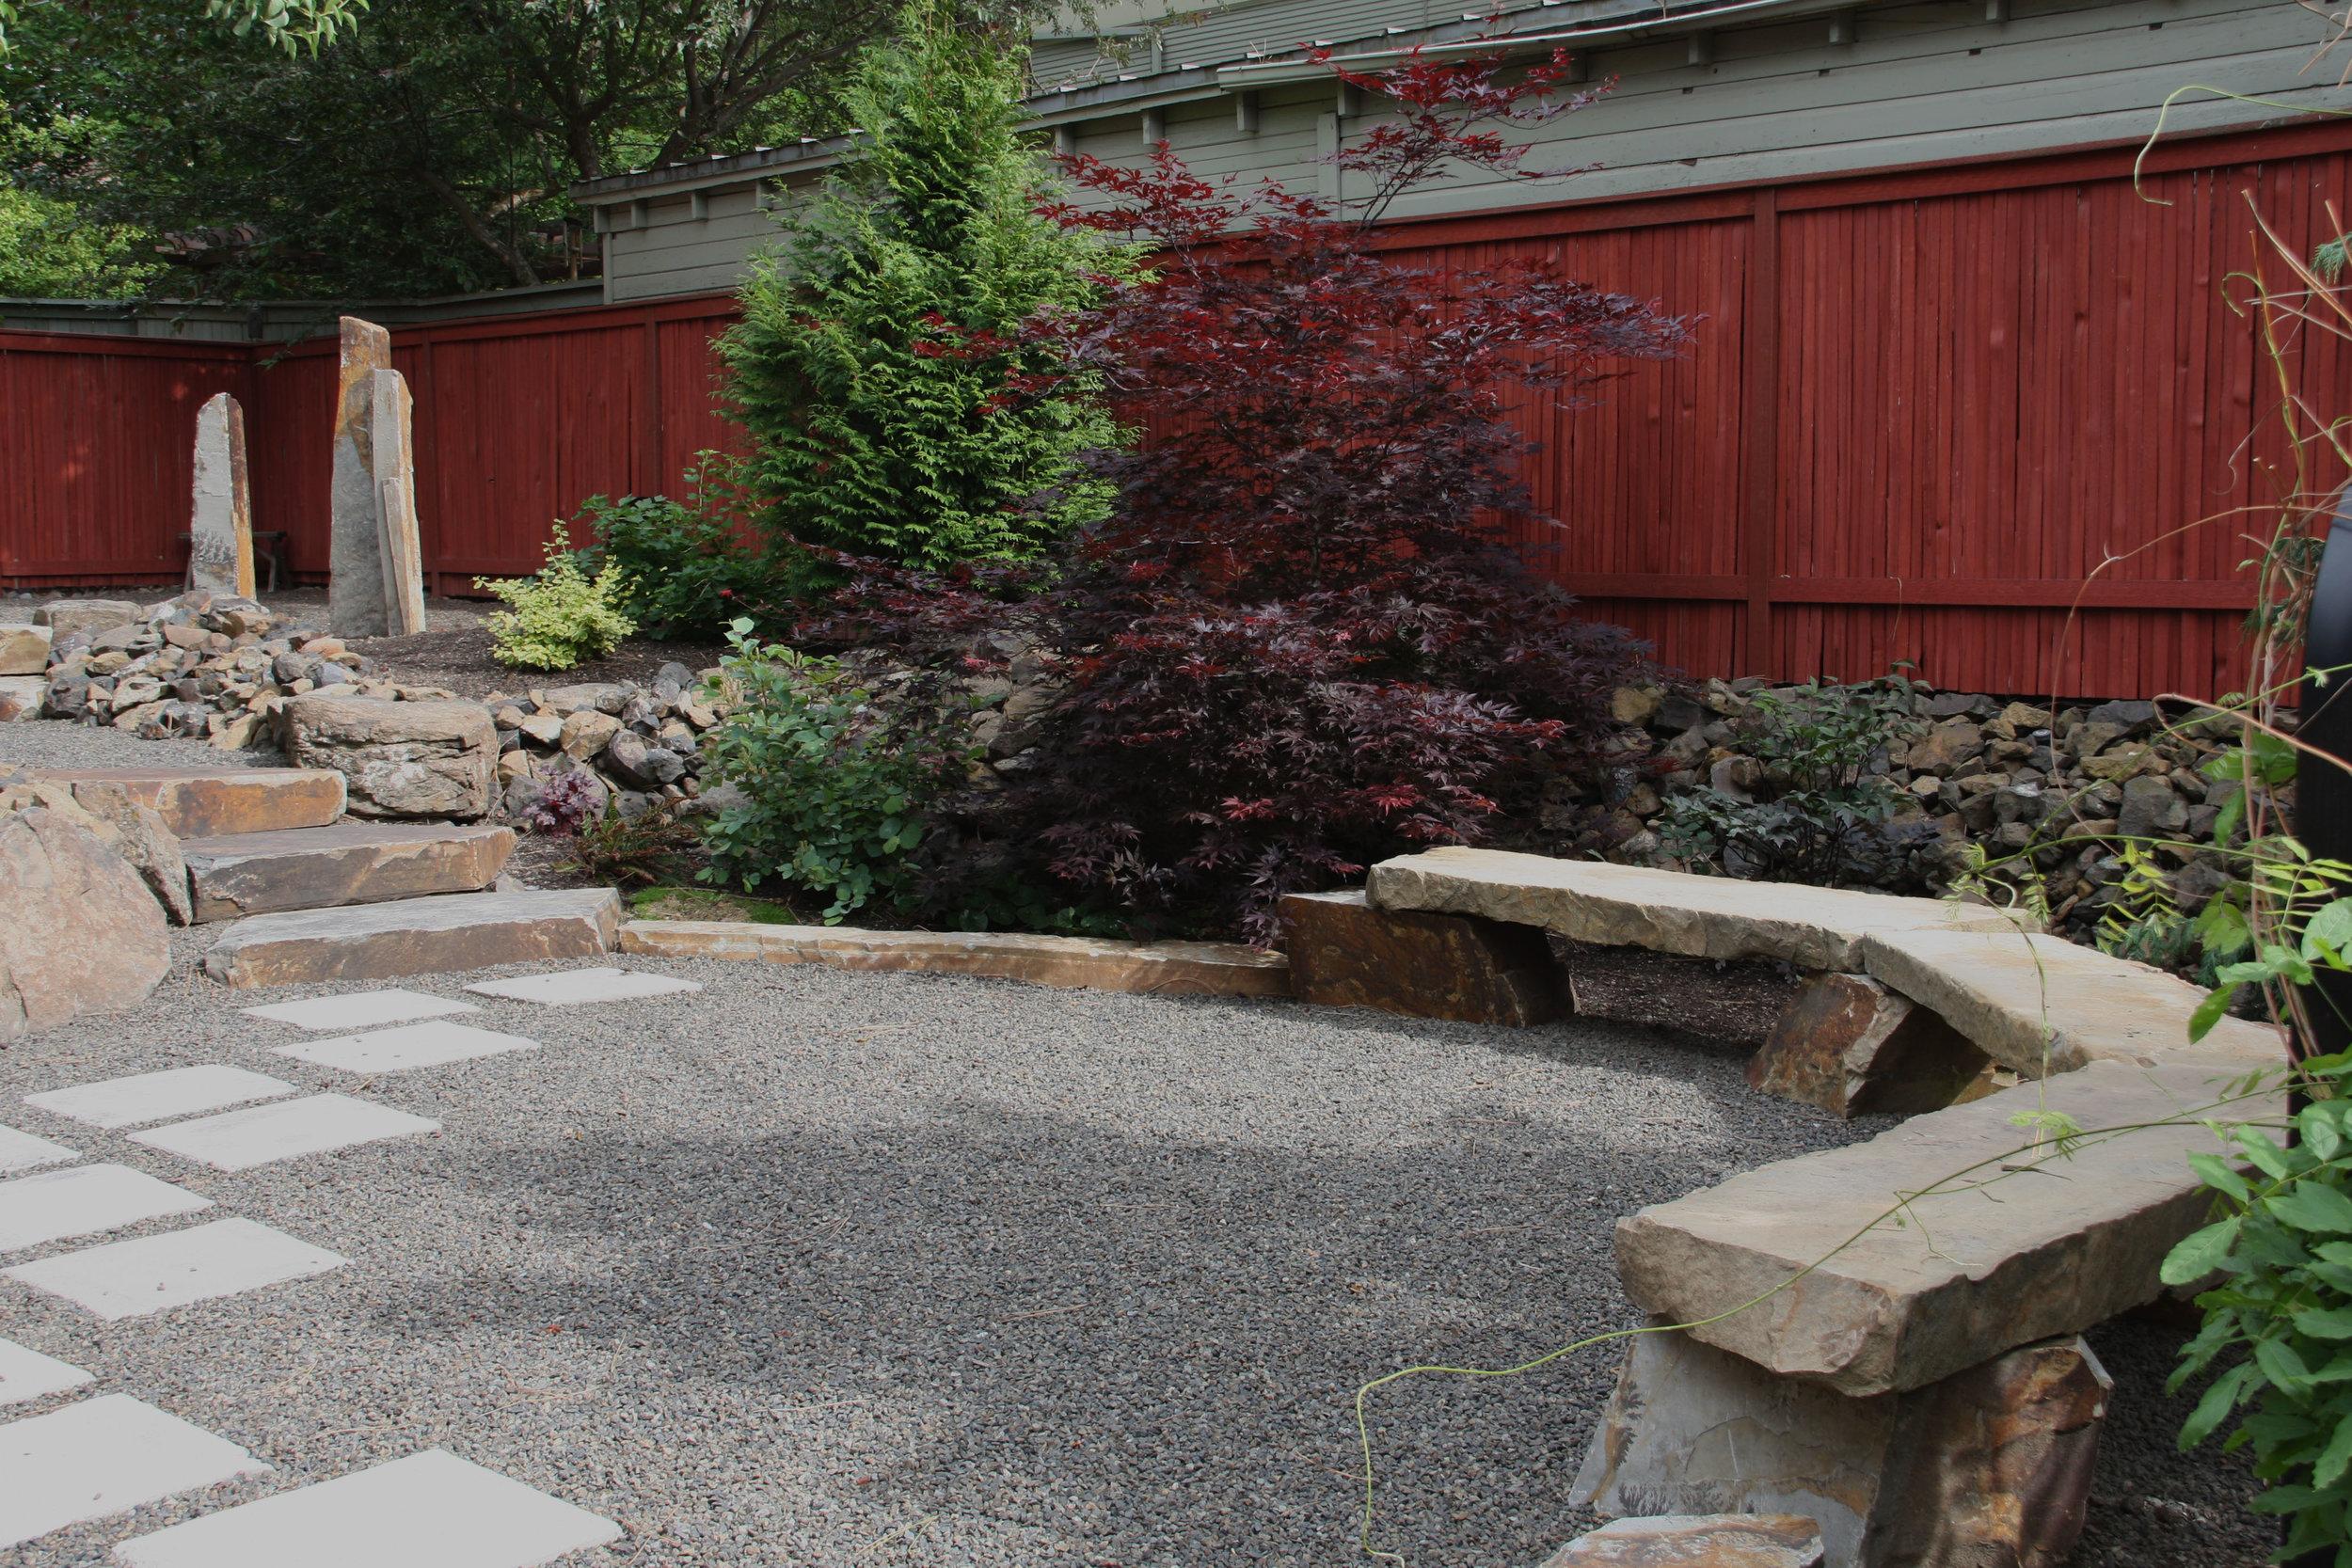 gravel-patio-with-pavers.JPG